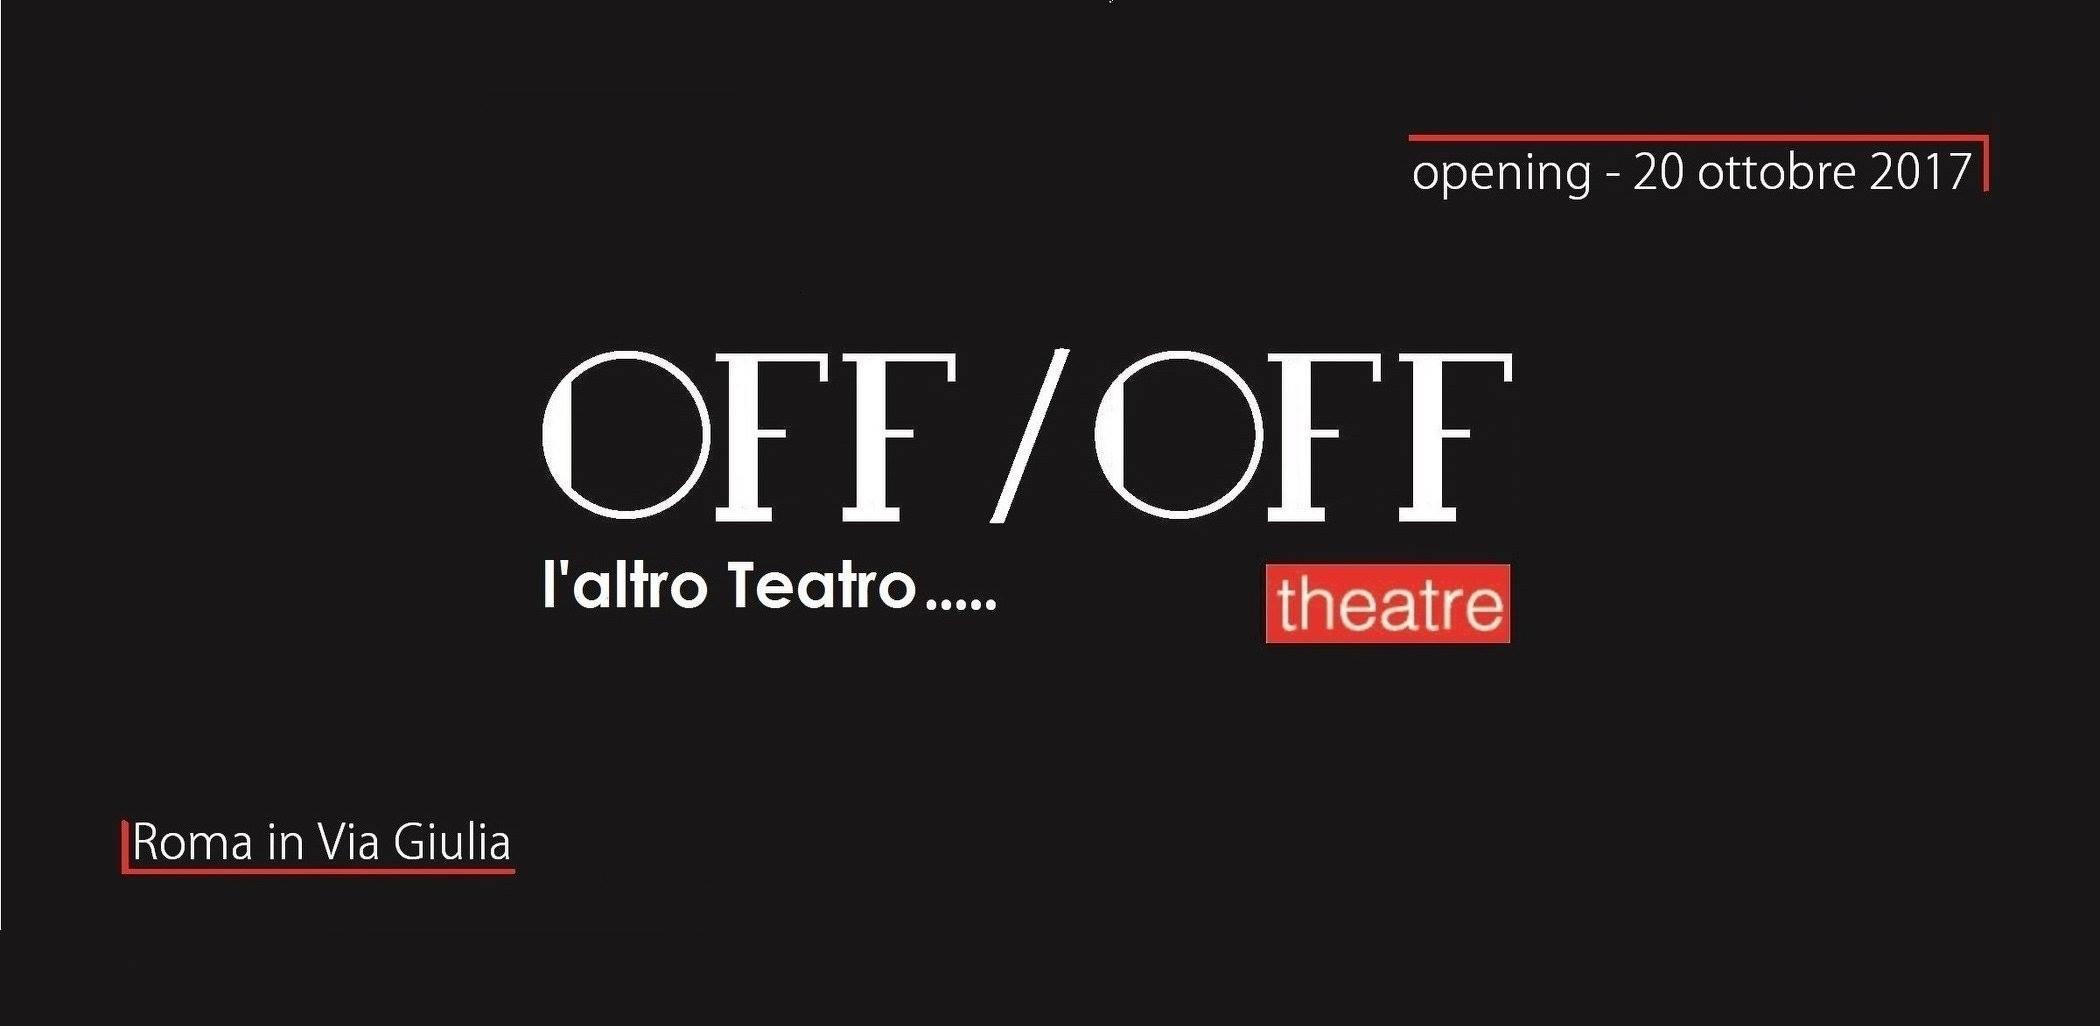 Teatro OFF/OFF Roma